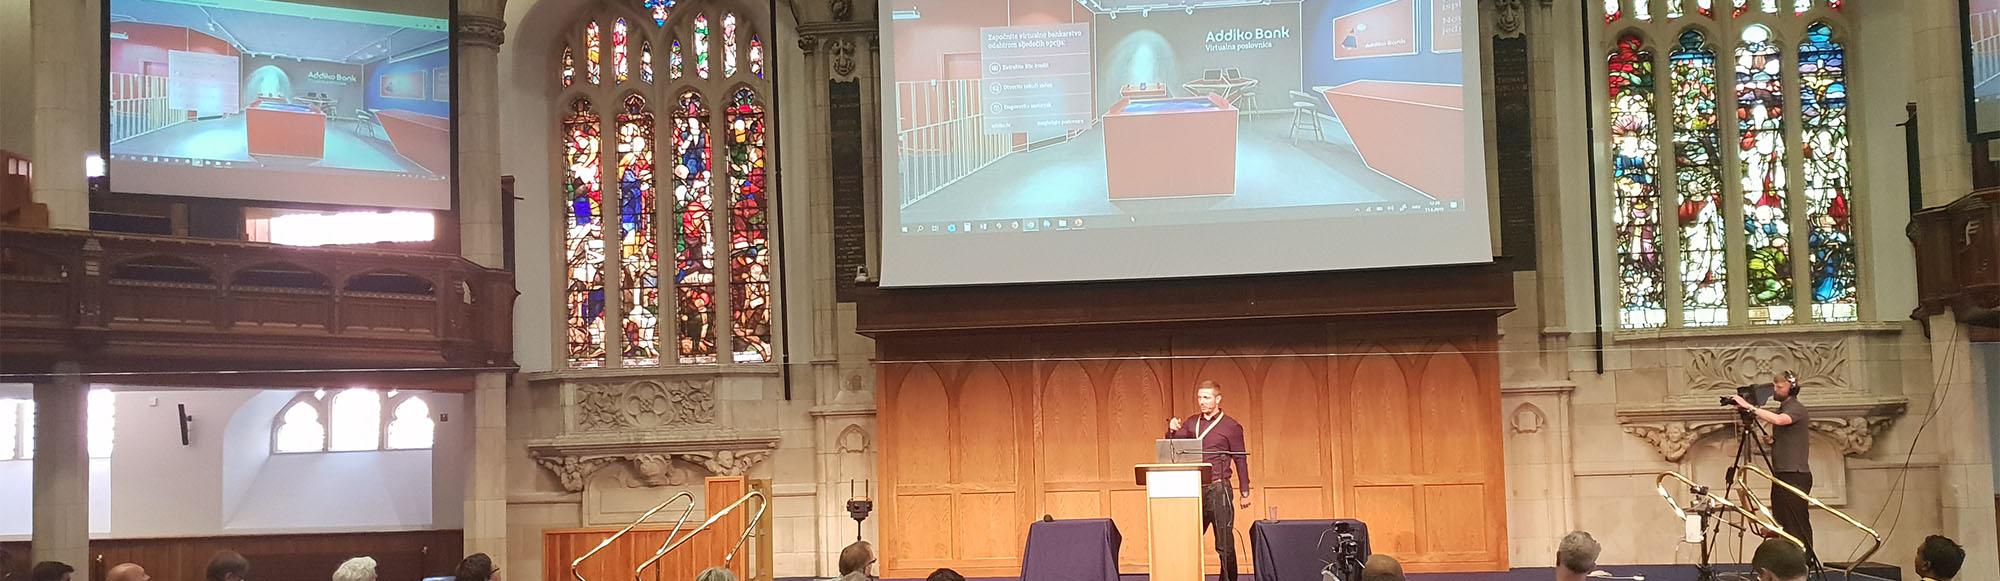 IVRPA Belfast 2019. – VR shop presentation